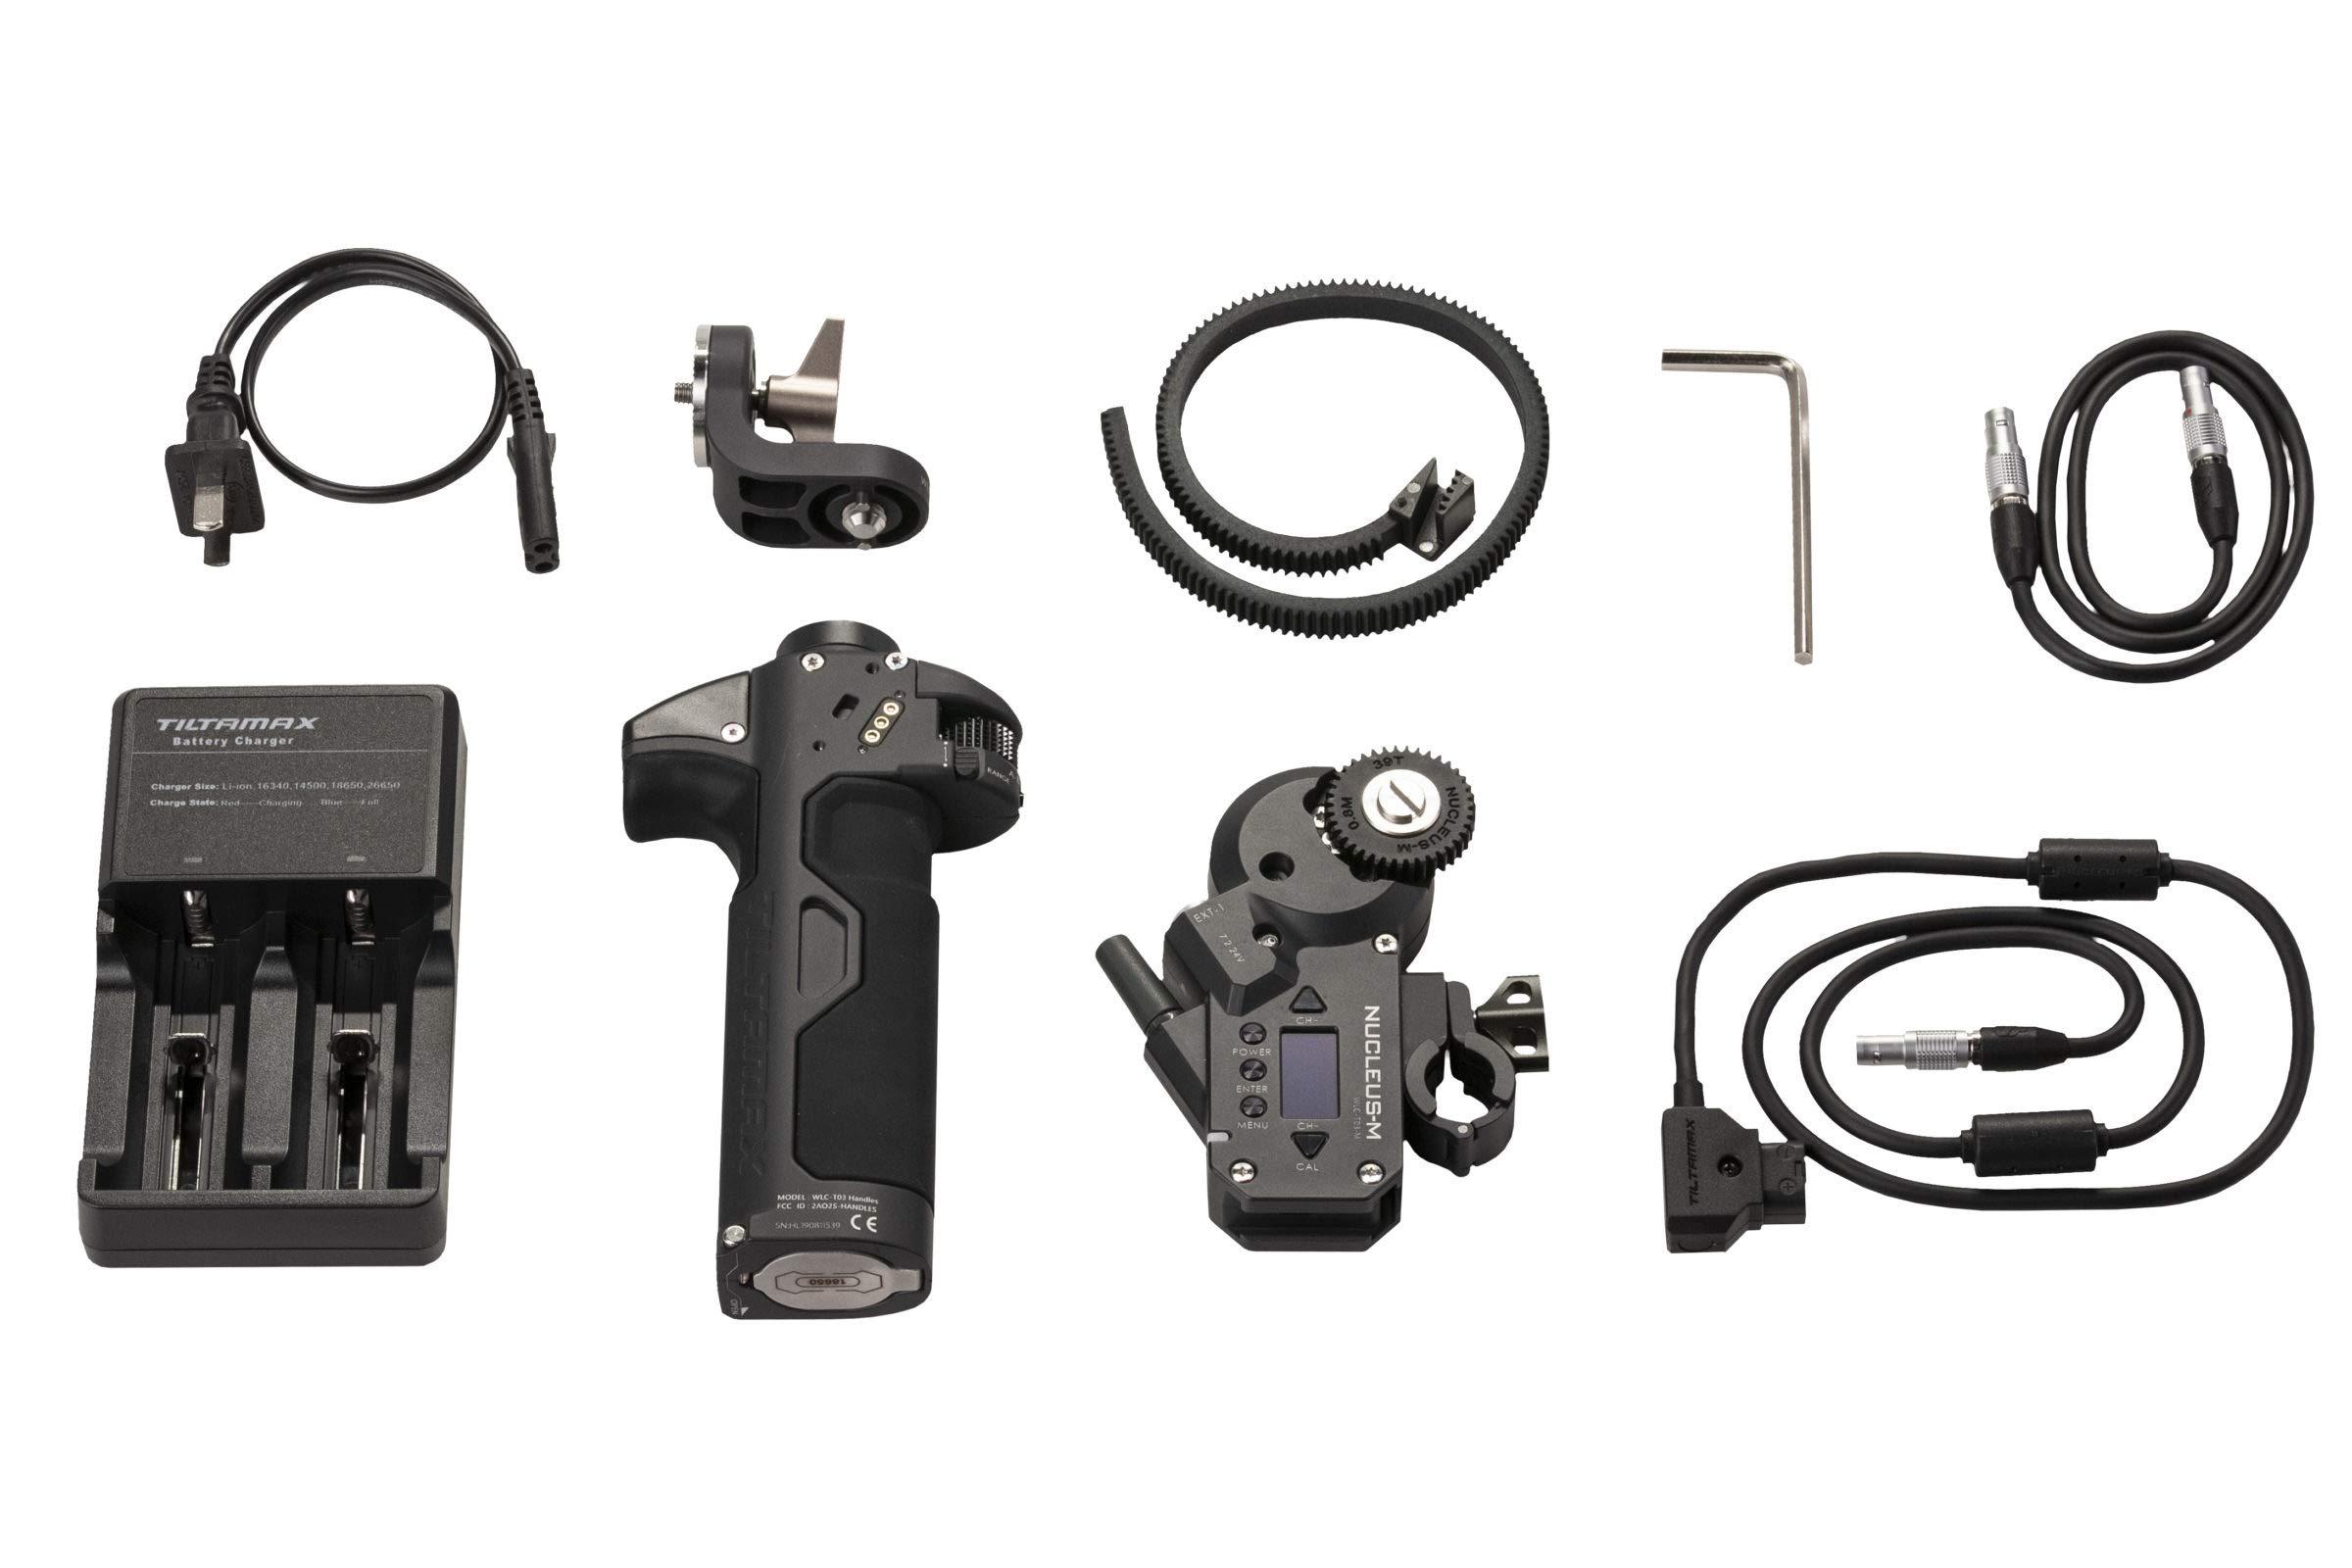 TILTA WLC-T03-K3 Nucleus-M Wireless Follow Focus Lens Control System Partial Kit III Left Handgrip WLC-T03-HL with Motor Nucleus-M Motor WLC-T03-M by Tilta